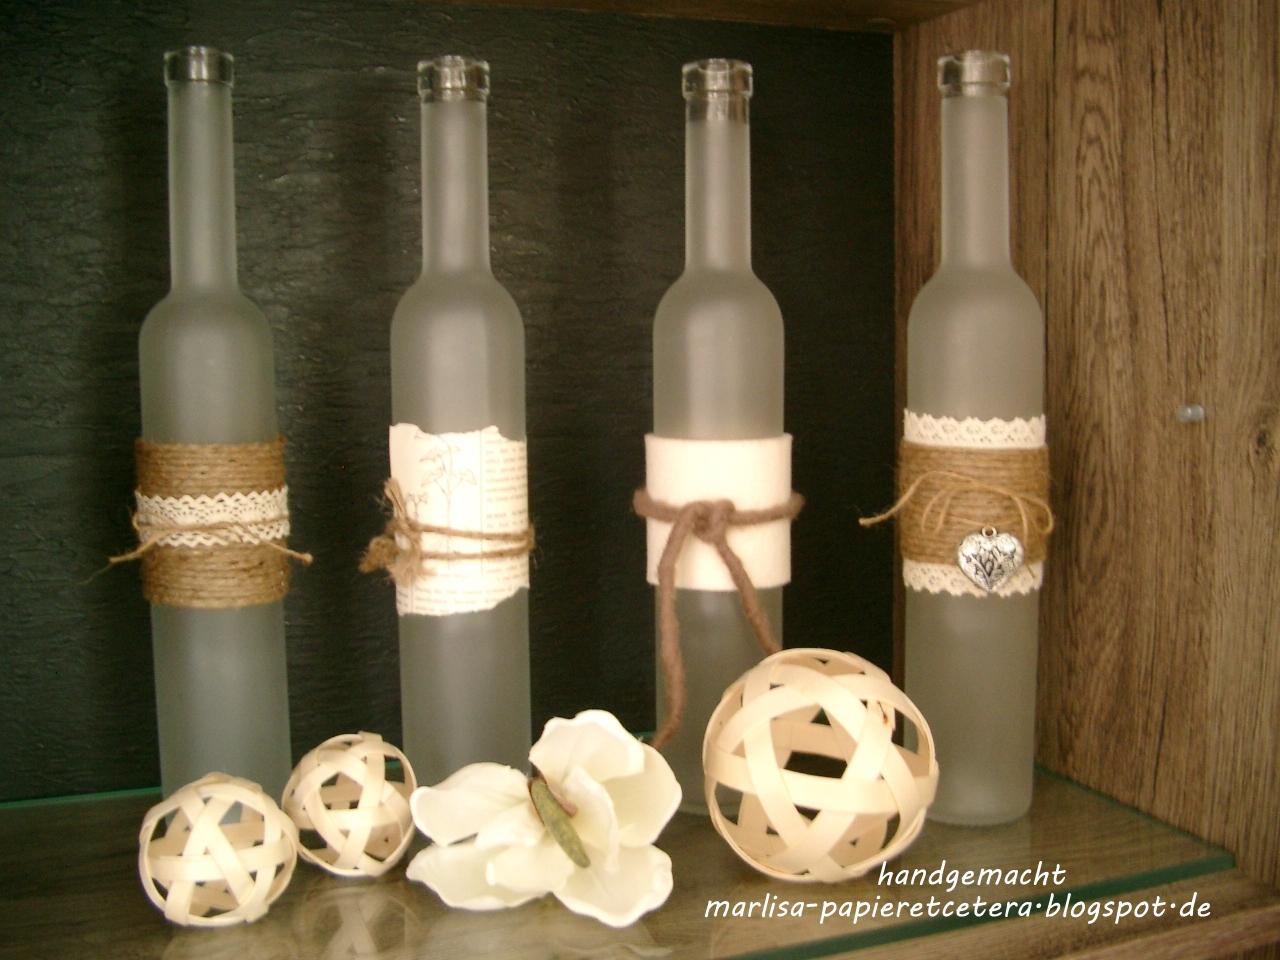 flaschen dekorieren ein weiteres plus die hlt den sekt auch noch khl ihr msst nur darauf. Black Bedroom Furniture Sets. Home Design Ideas